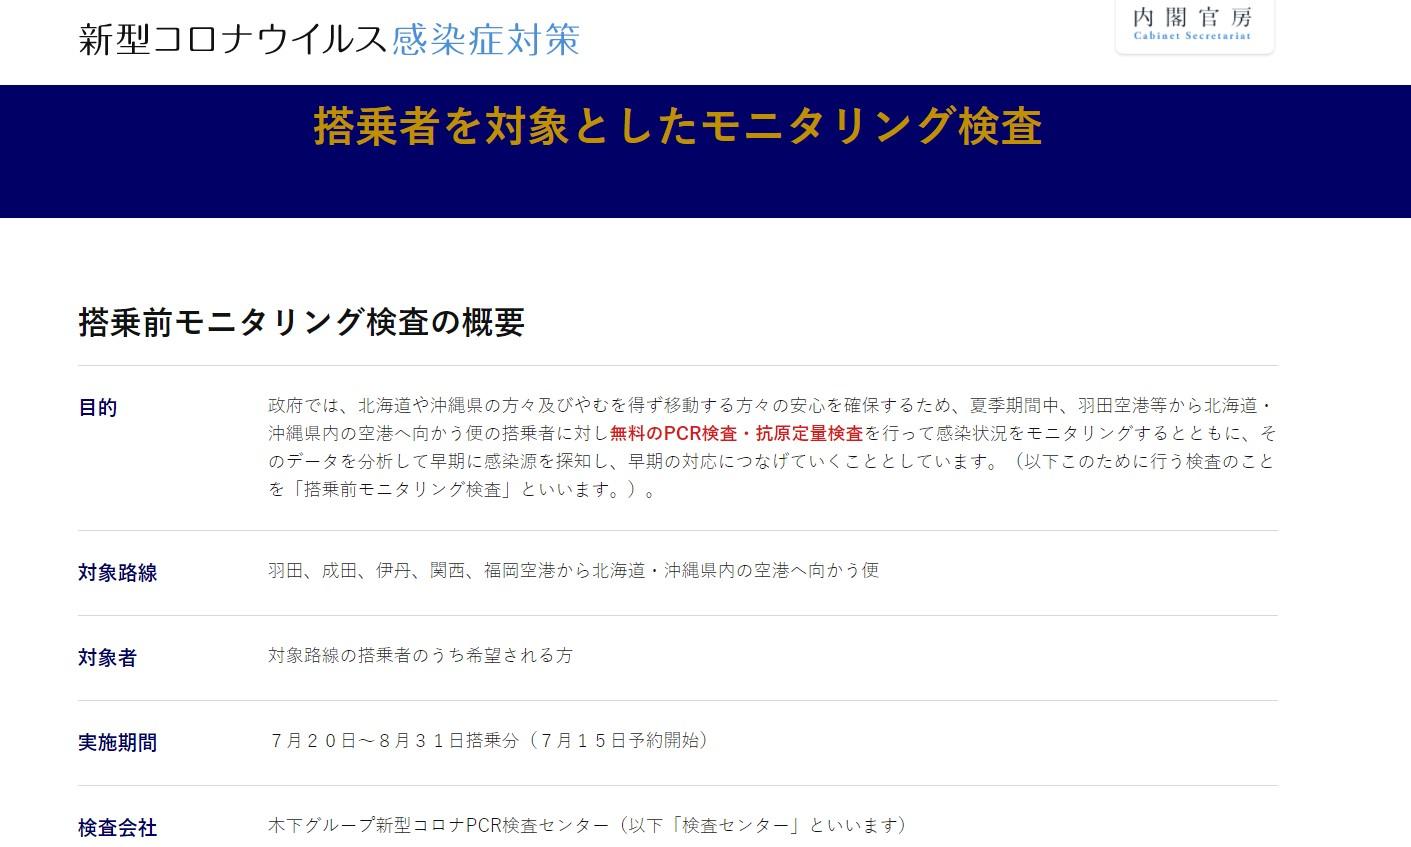 沖縄・北海道無料PCR検査